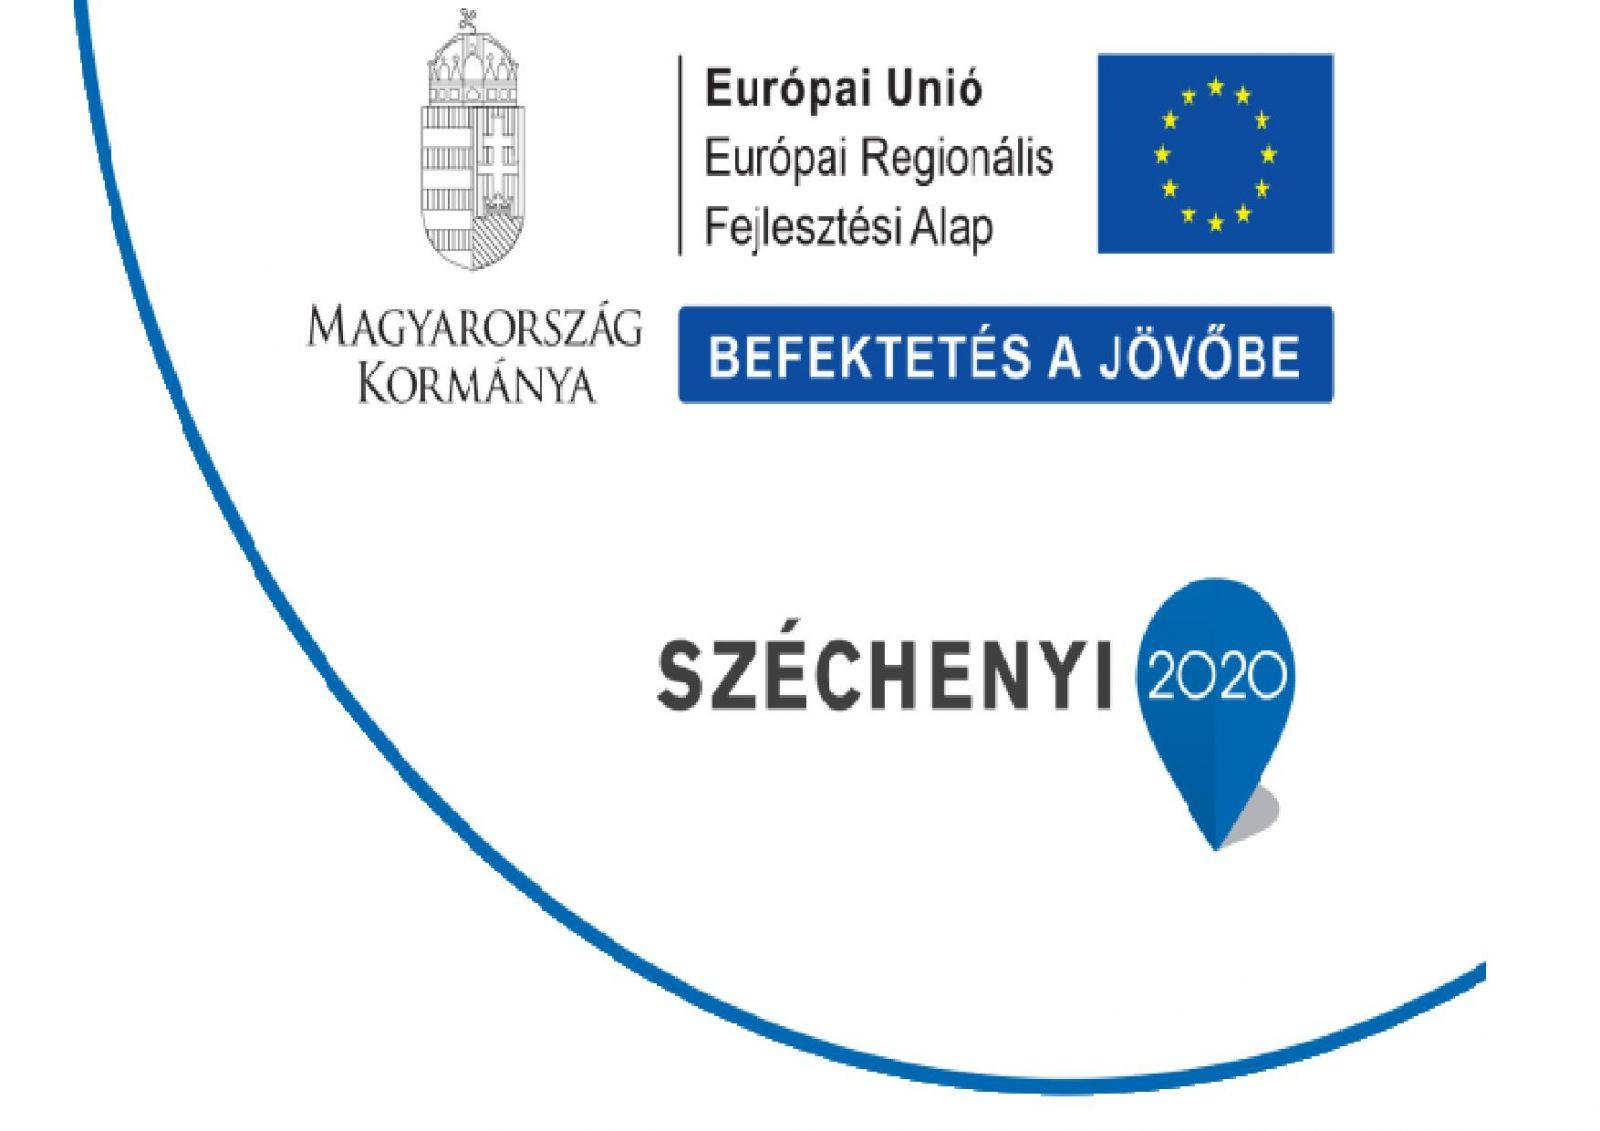 Európai Uniós támogatás